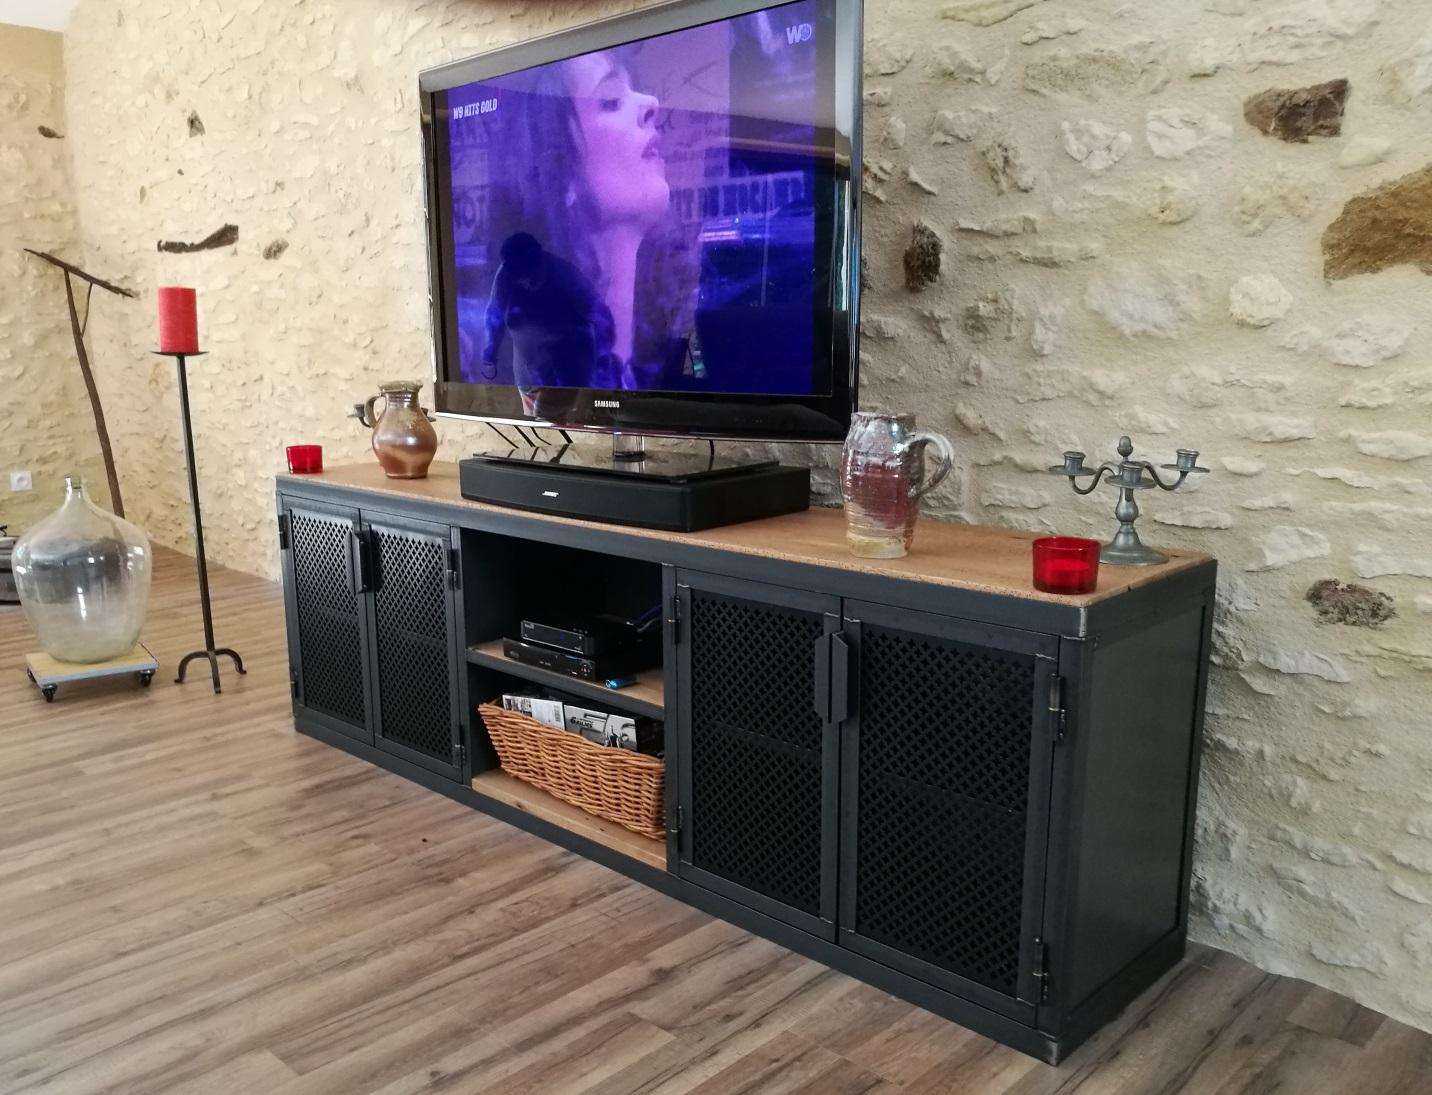 Meuble Tv Avec Barre De Son meubles tv industriels - metalik & bois meubles industriel